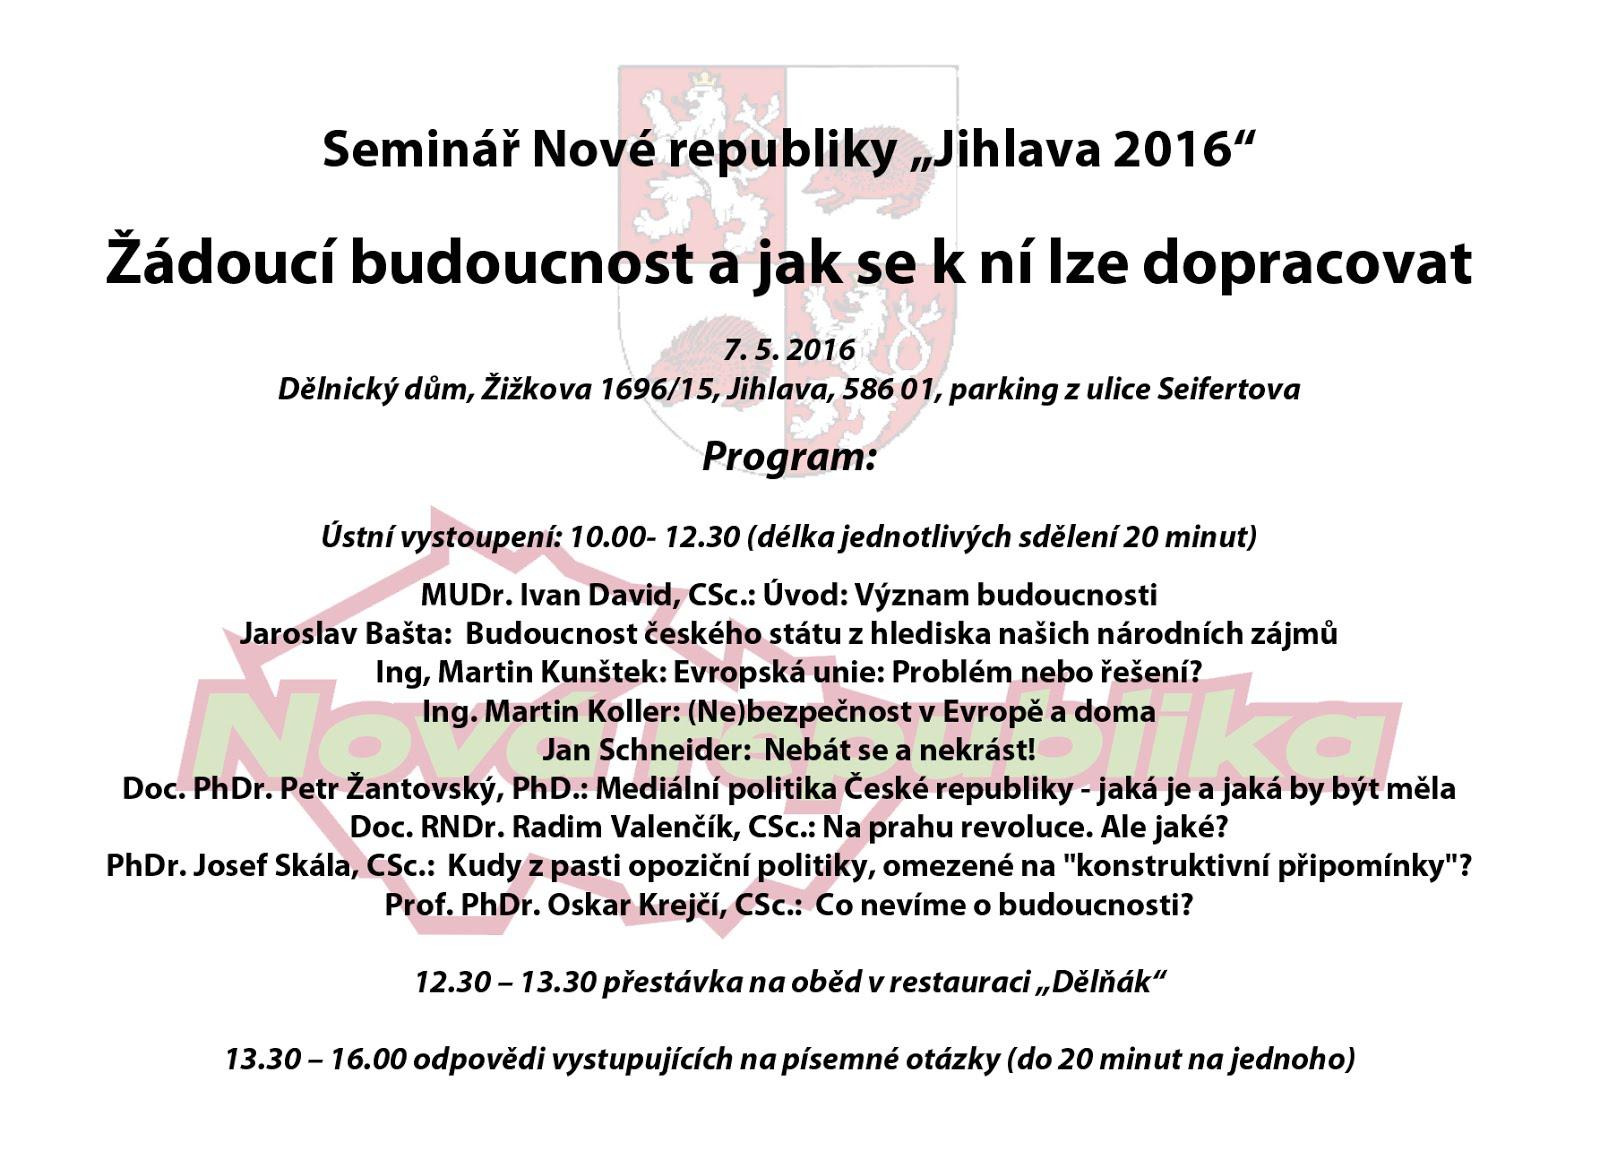 Jihlavský seminář 2016